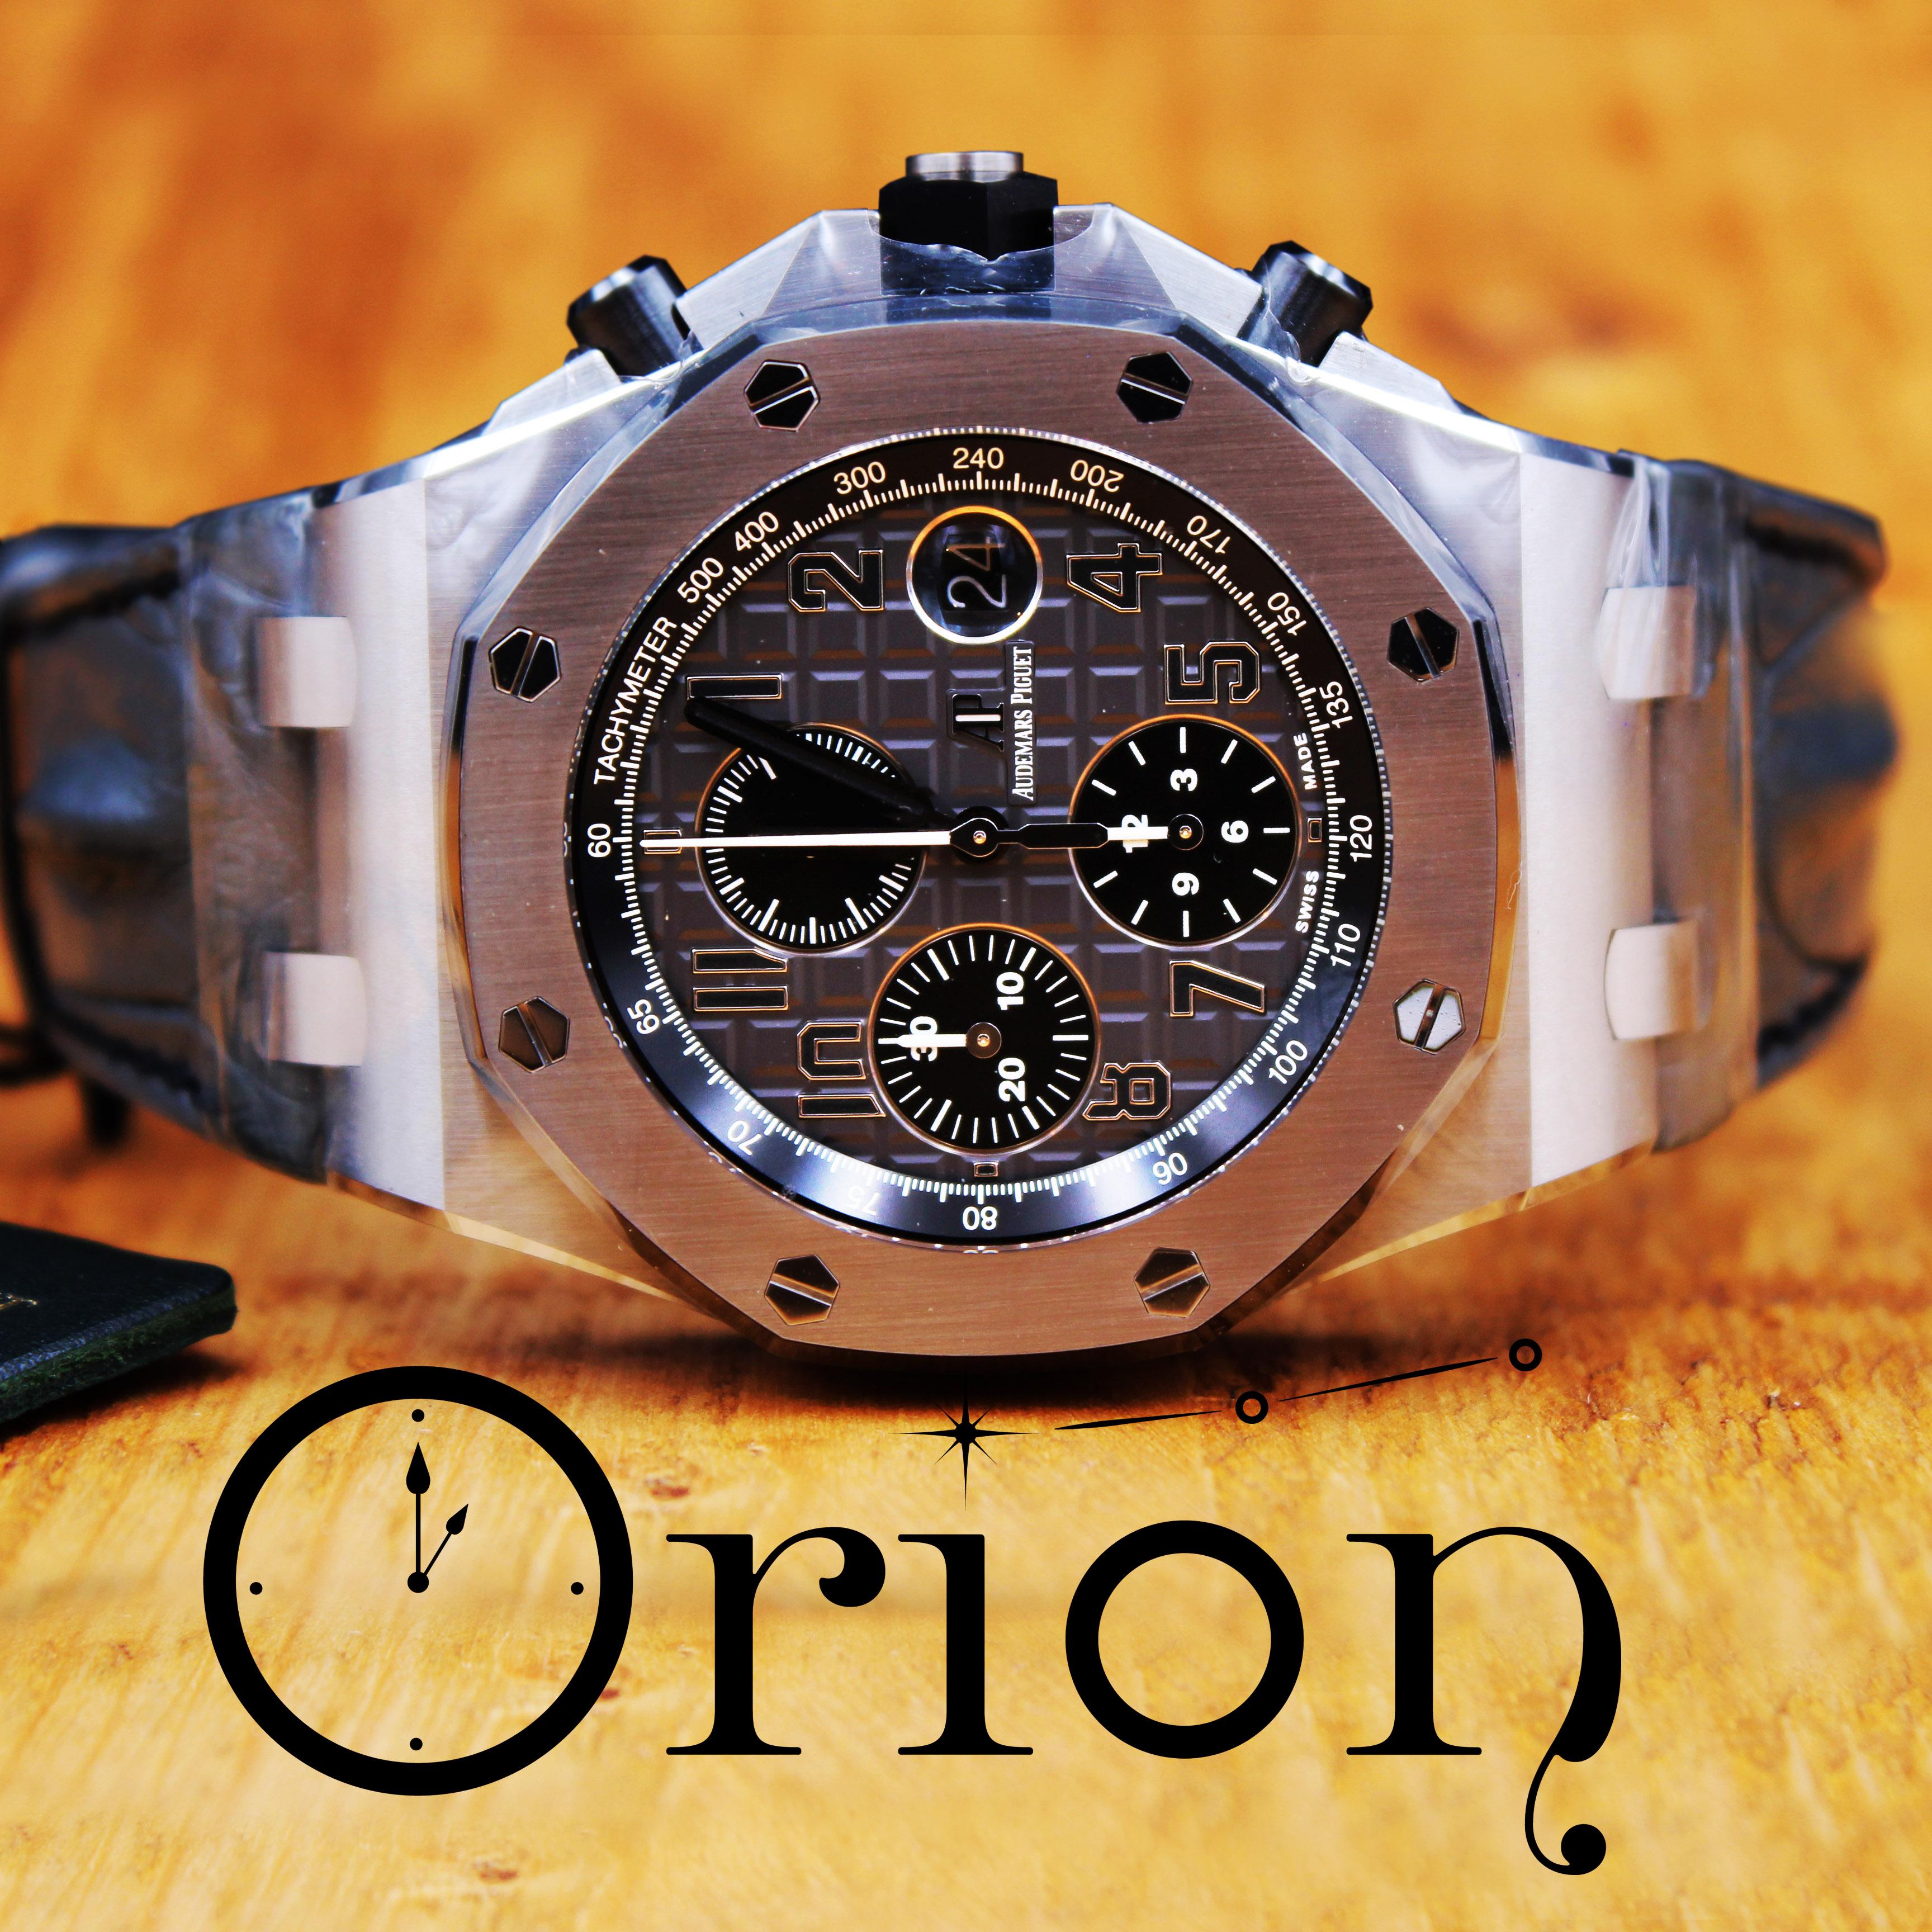 Audemars Piguet Royal Oak Offshore Chronograph | Firenze